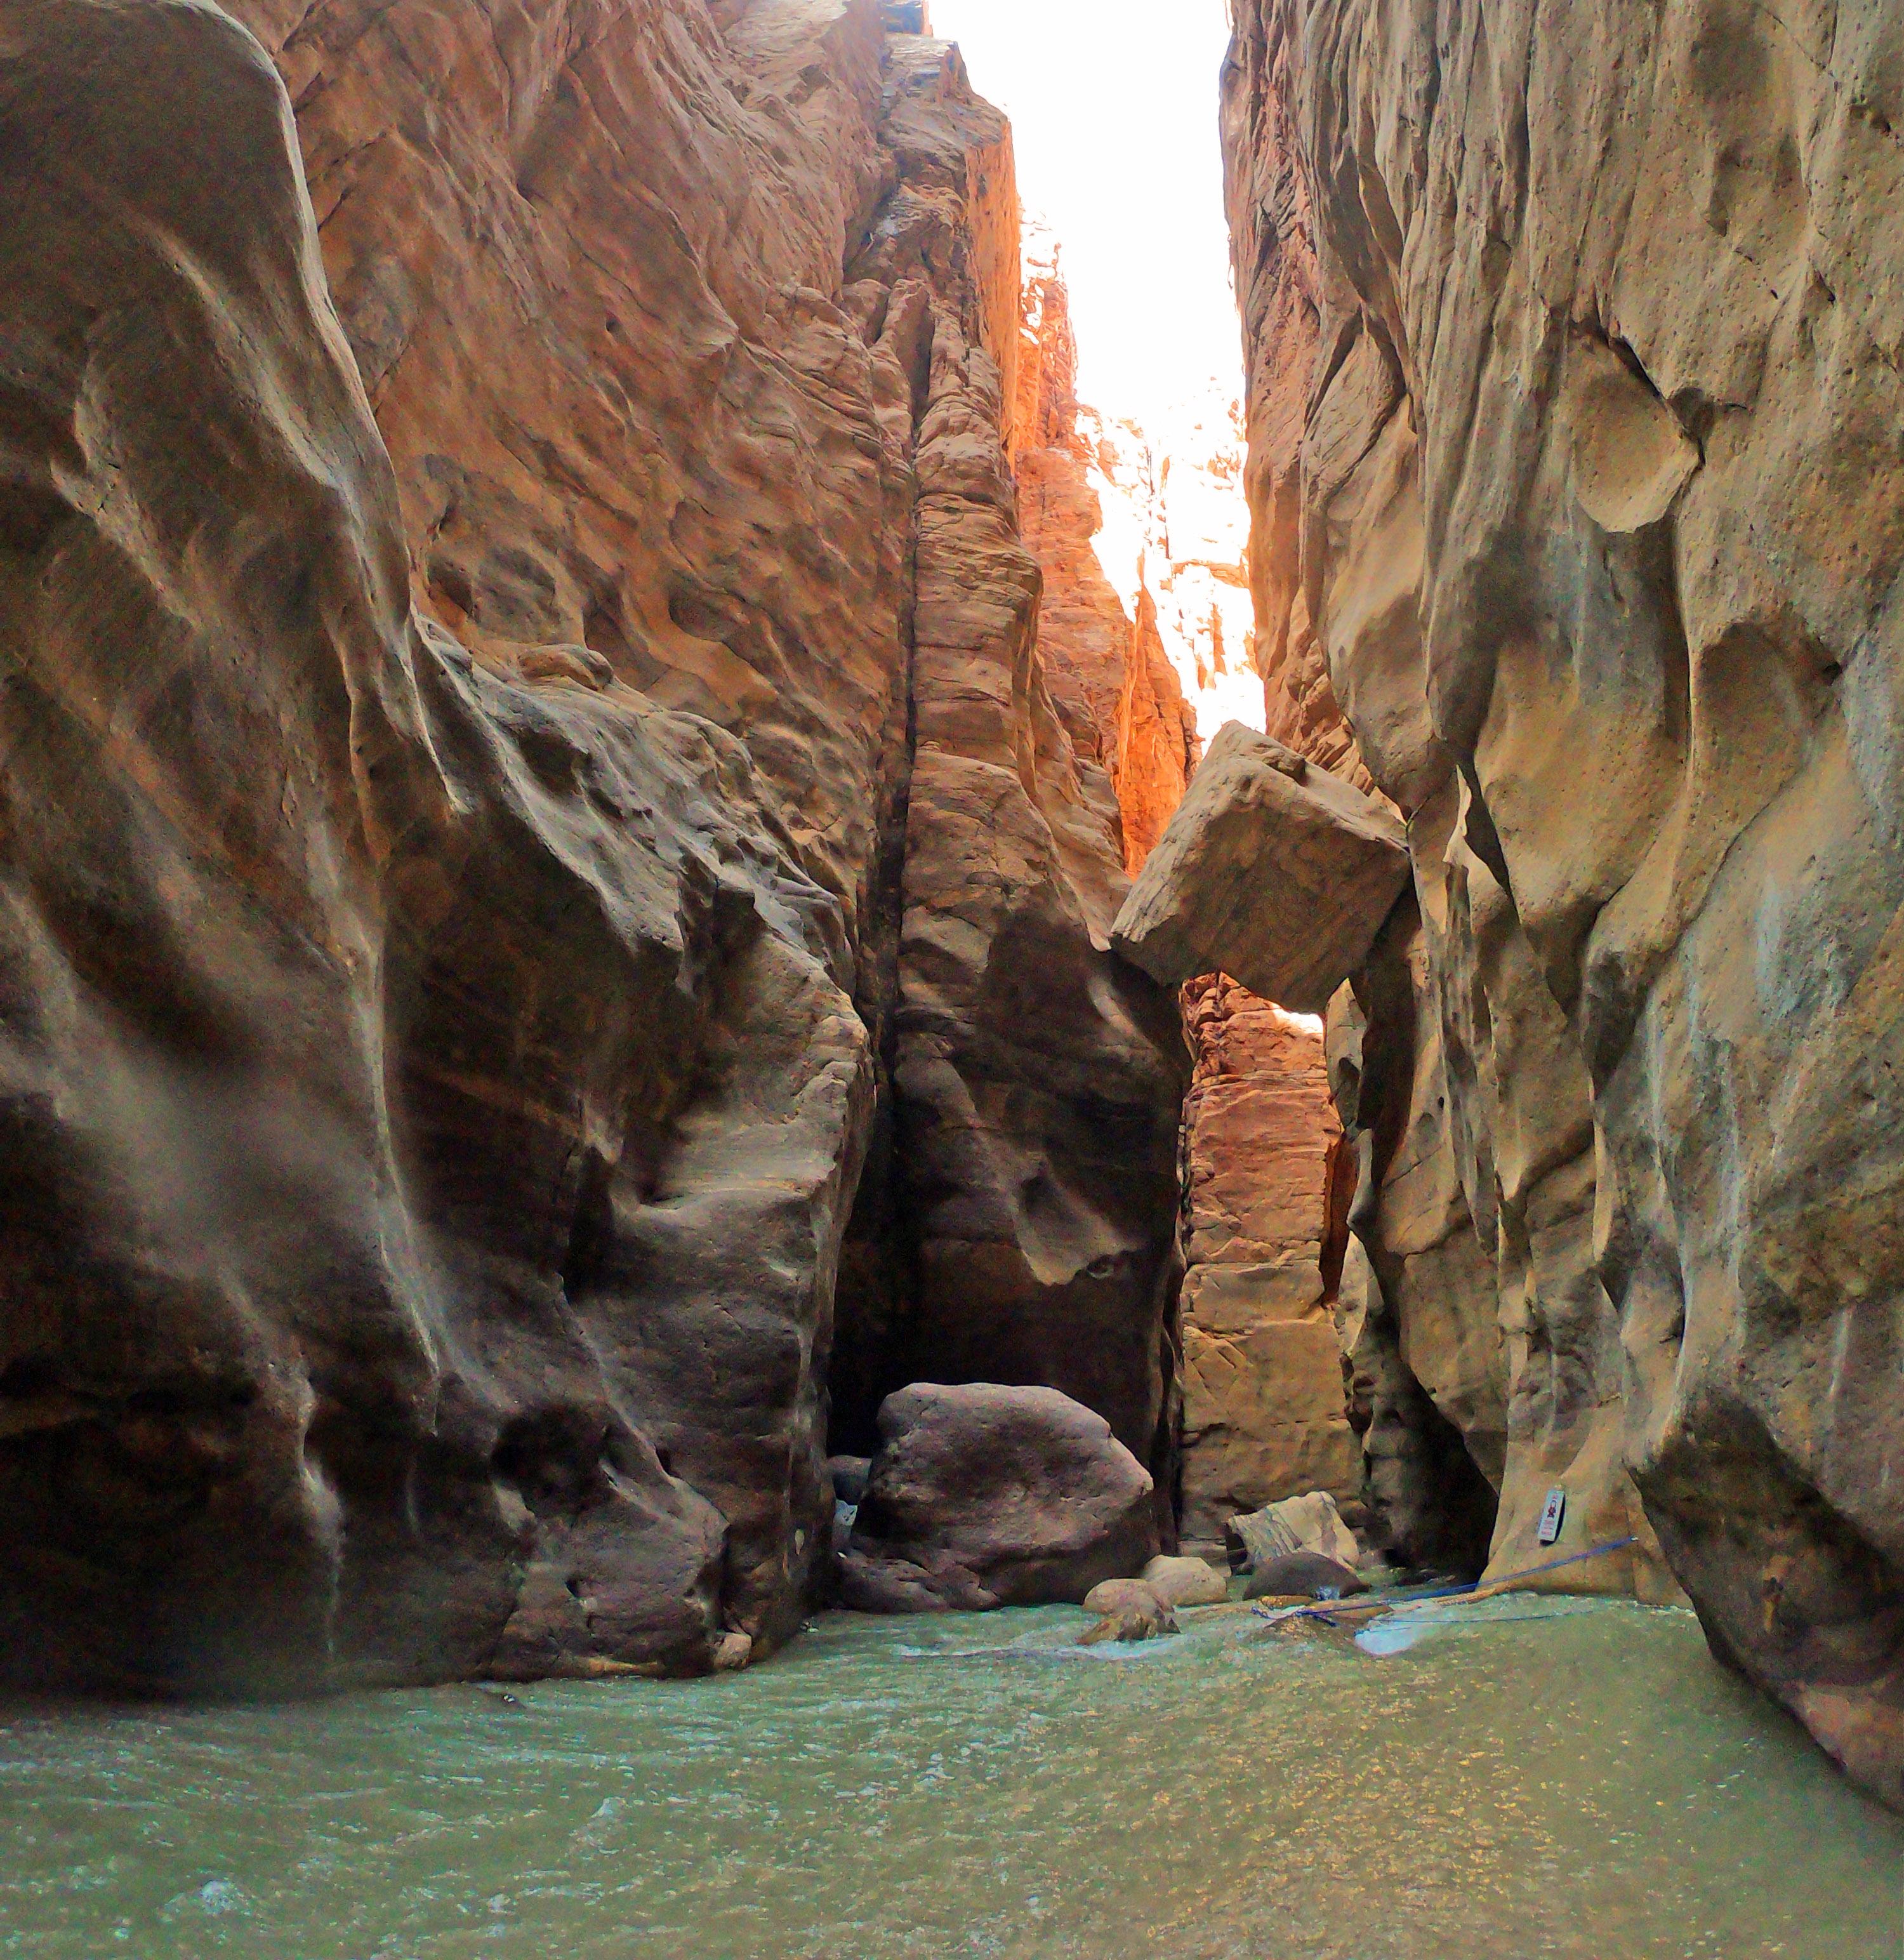 Вади Муджиб, Джордан. Вот лучшие вещи, которые можно сделать в Иордании за 1 неделю. Используйте этот маршрут Иордании при планировании поездки в Иорданию. Иордании Маршрут 7 дней в Иордании Маршрут wadi mujib canyon2